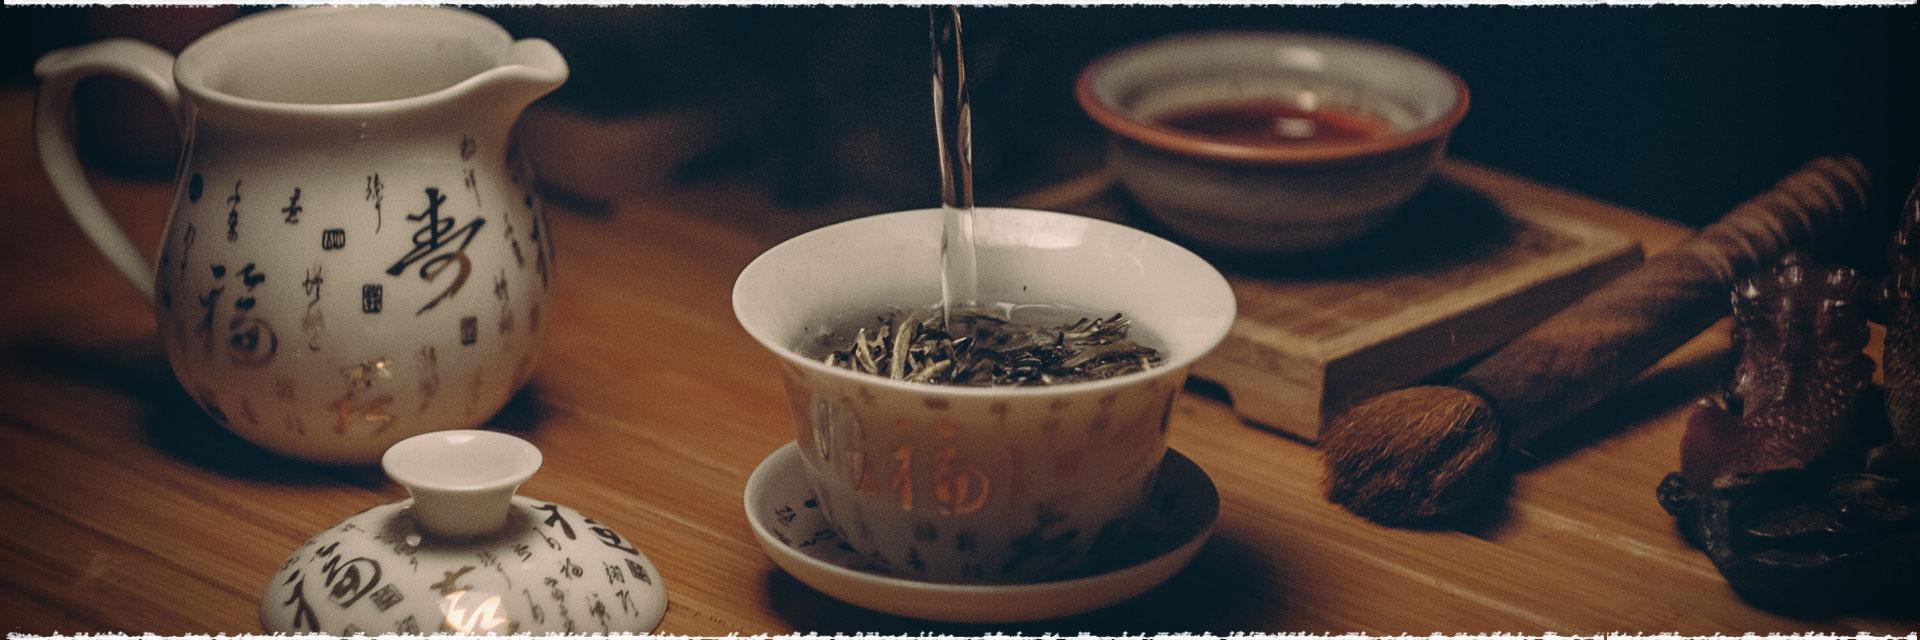 Préparation du thé et choix de votre théière